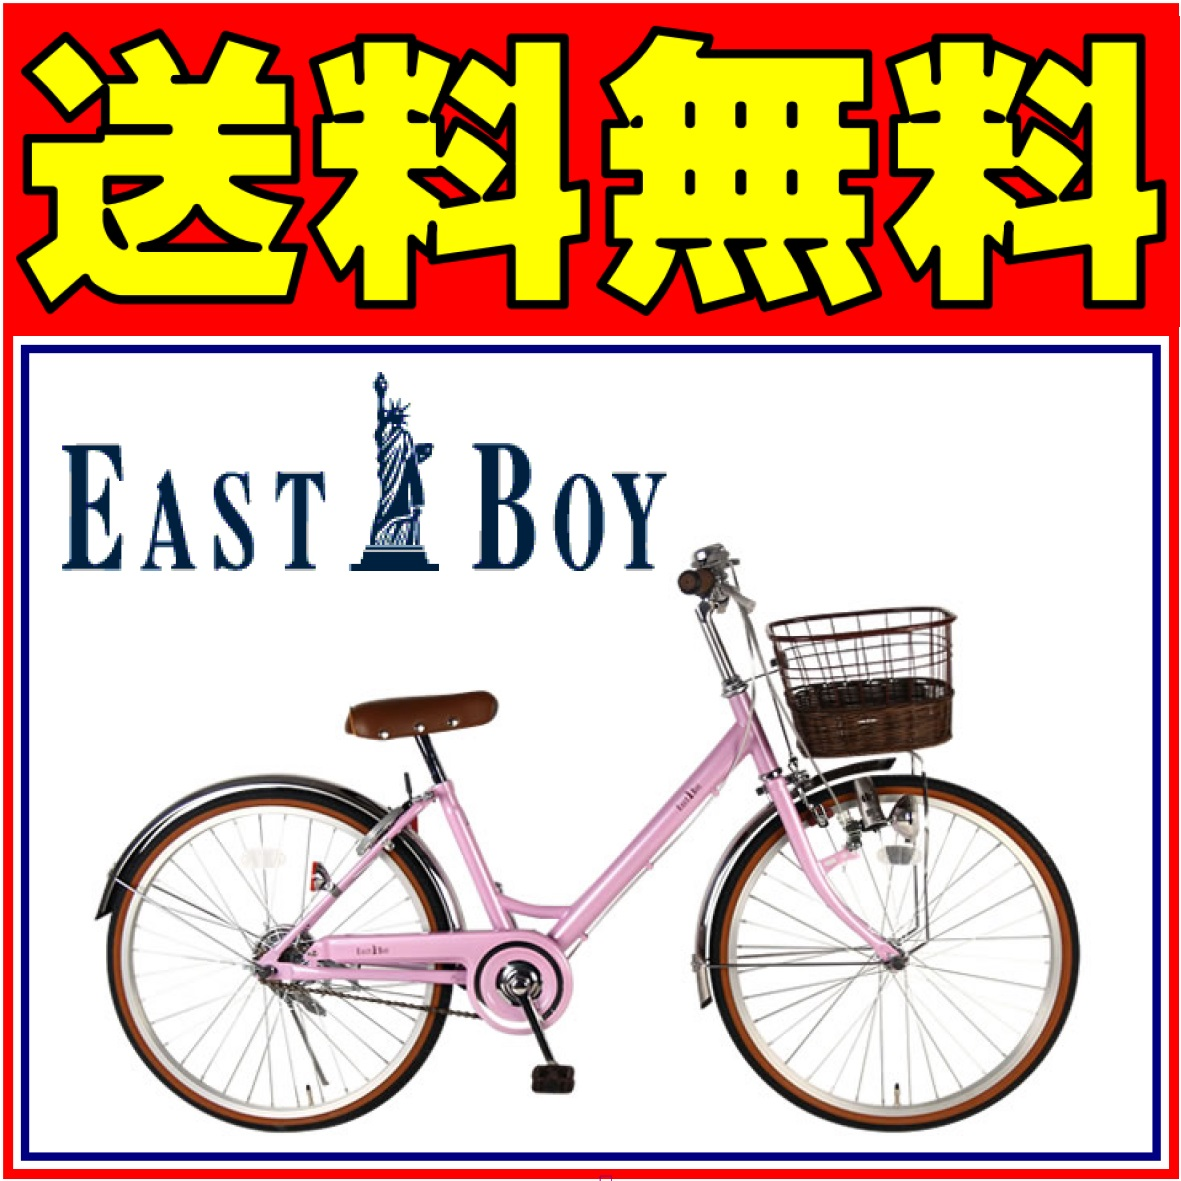 EASTBOY イーストボーイ 自転車 シティサイクル ラベンダー 小学校高学年から乗れる ジュニアシティ 24インチ LEDダイナモライト イーストボーイ 自転車